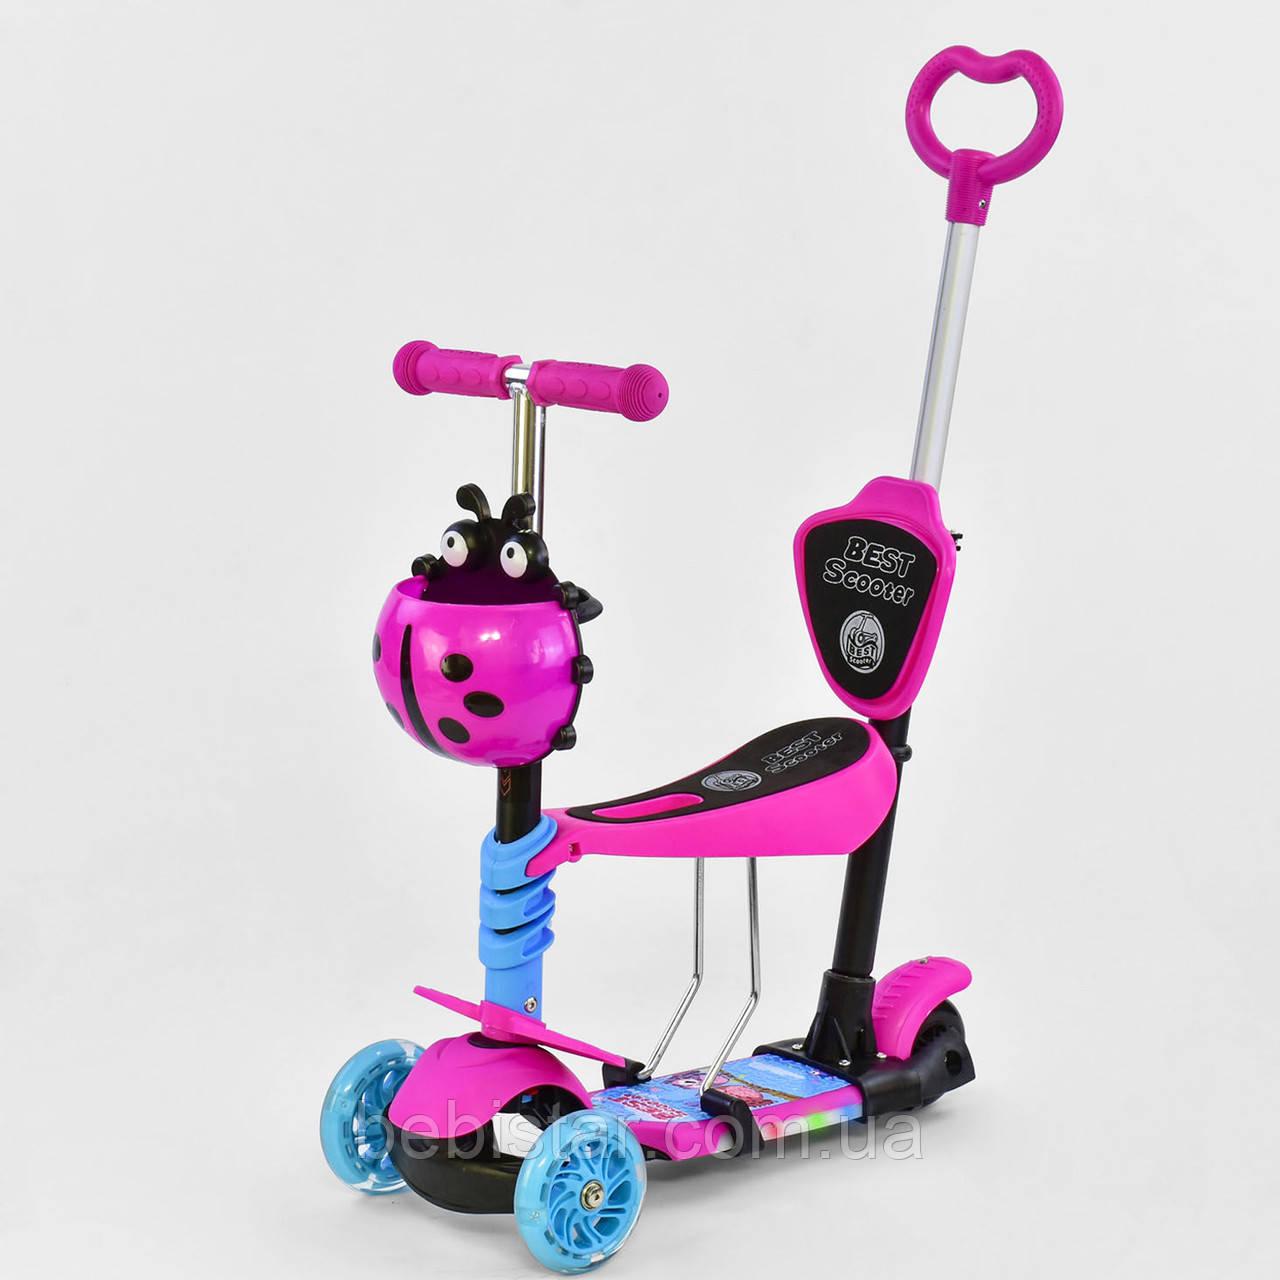 Самокат трехколесный 5в1 розовый с ручкой, подсветкой платформы и светящимися колесами деткам от 1года